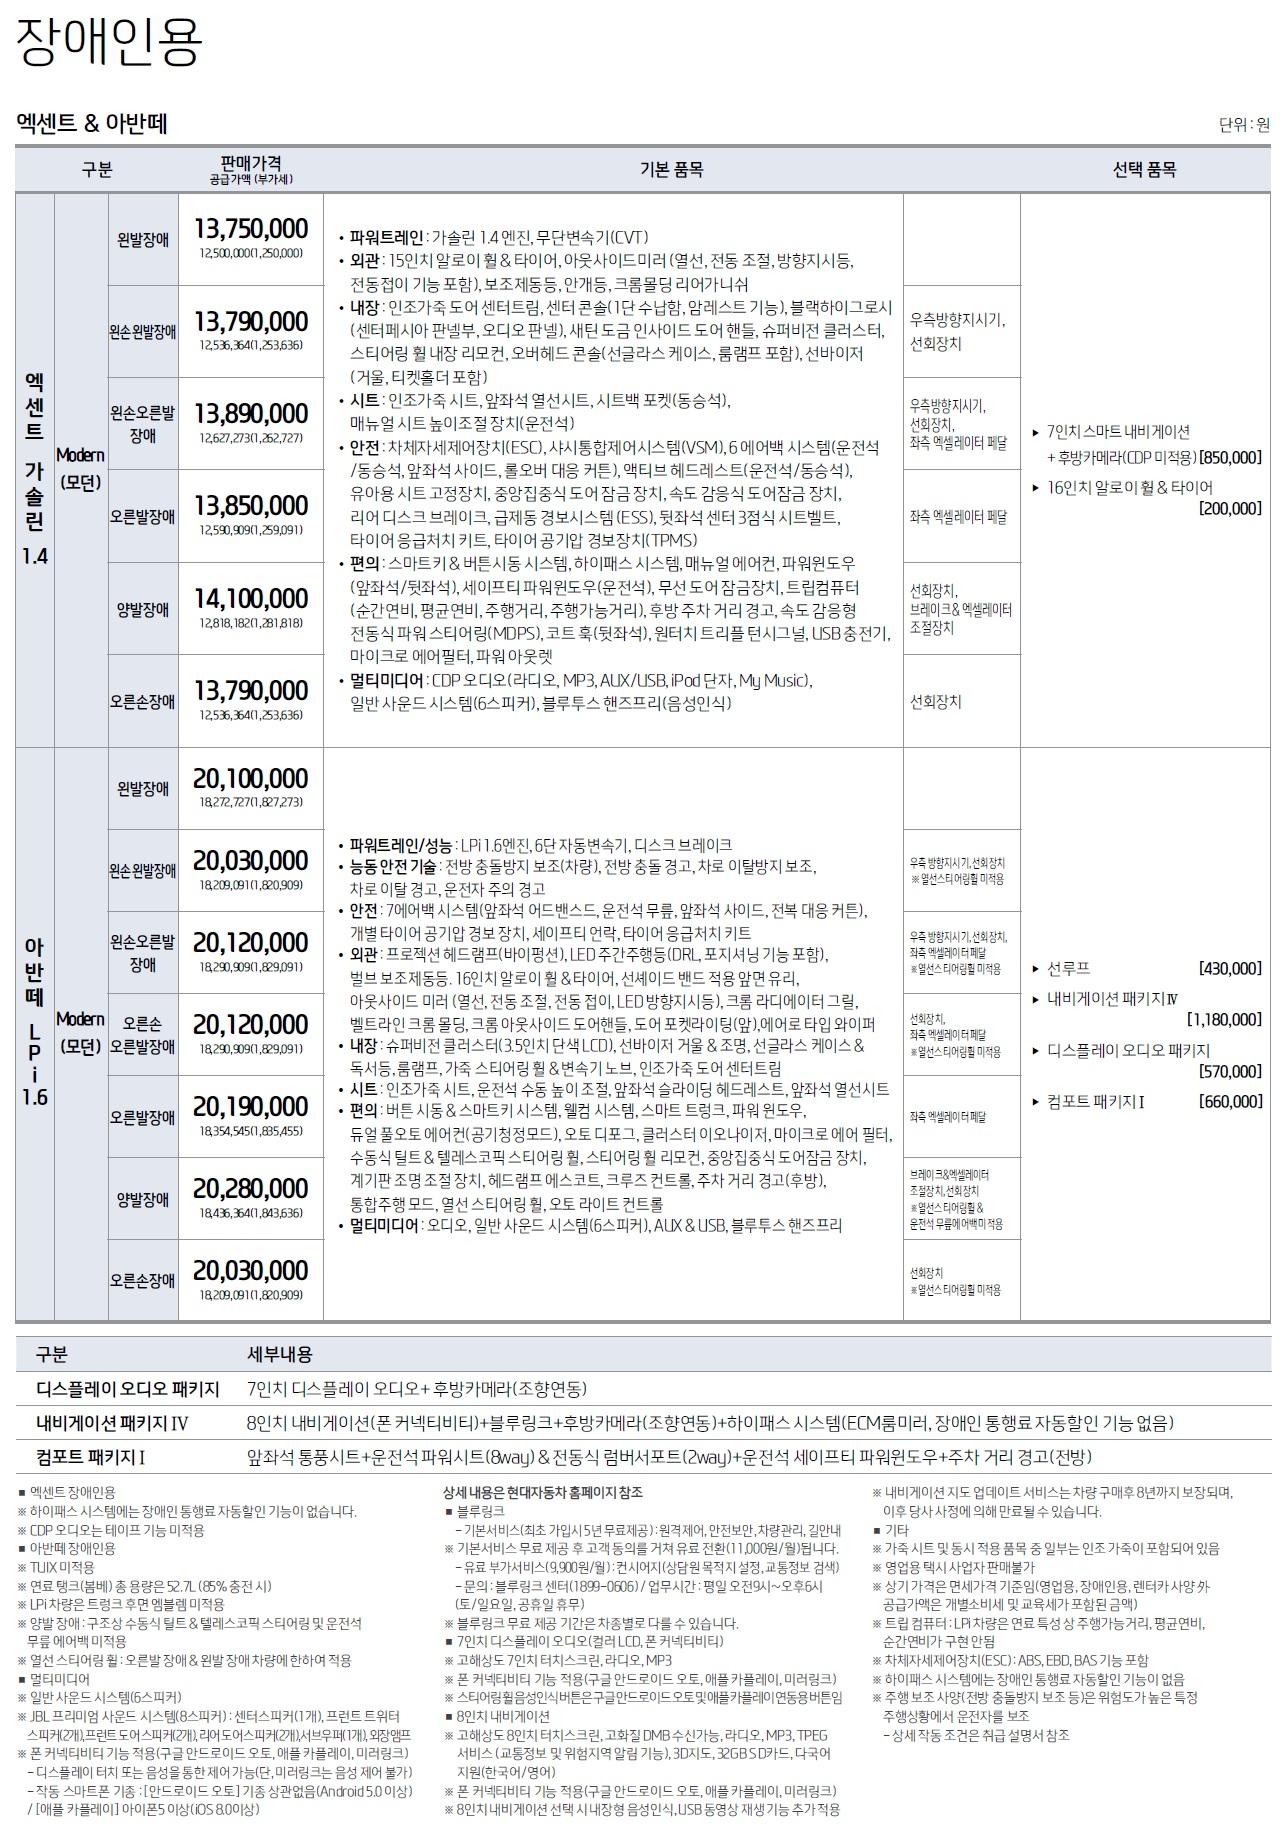 더뉴아반떼 가격표 - 2018년 9월 -5.jpg